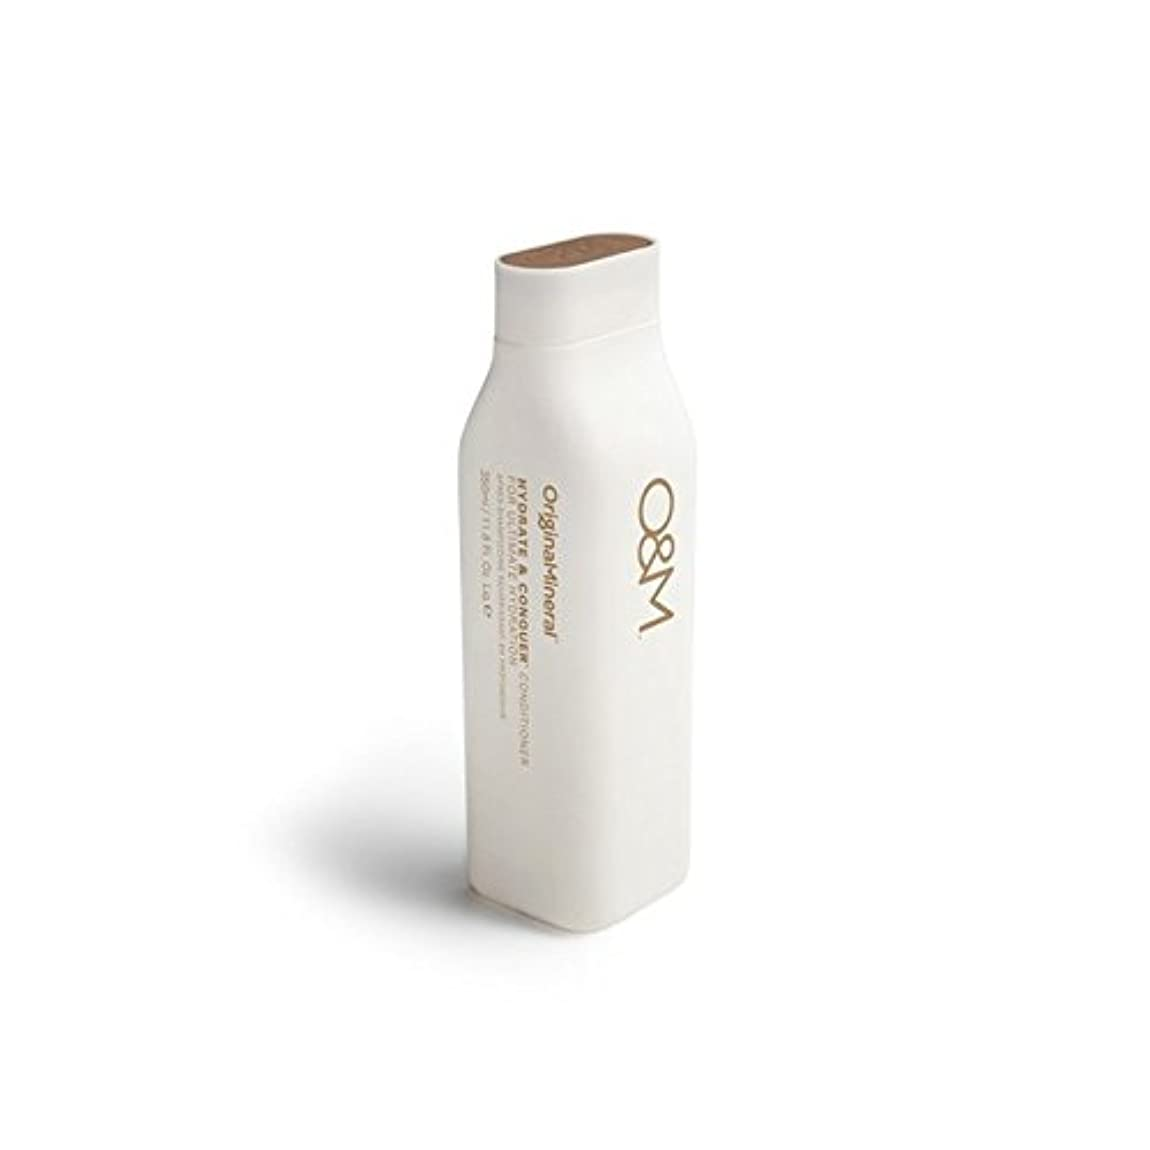 スキル破裂わずかなOriginal & Mineral Hydrate And Conquer Conditioner (350ml) - オリジナル&ミネラル水和物及びコンディショナー(350ミリリットル)を征服 [並行輸入品]